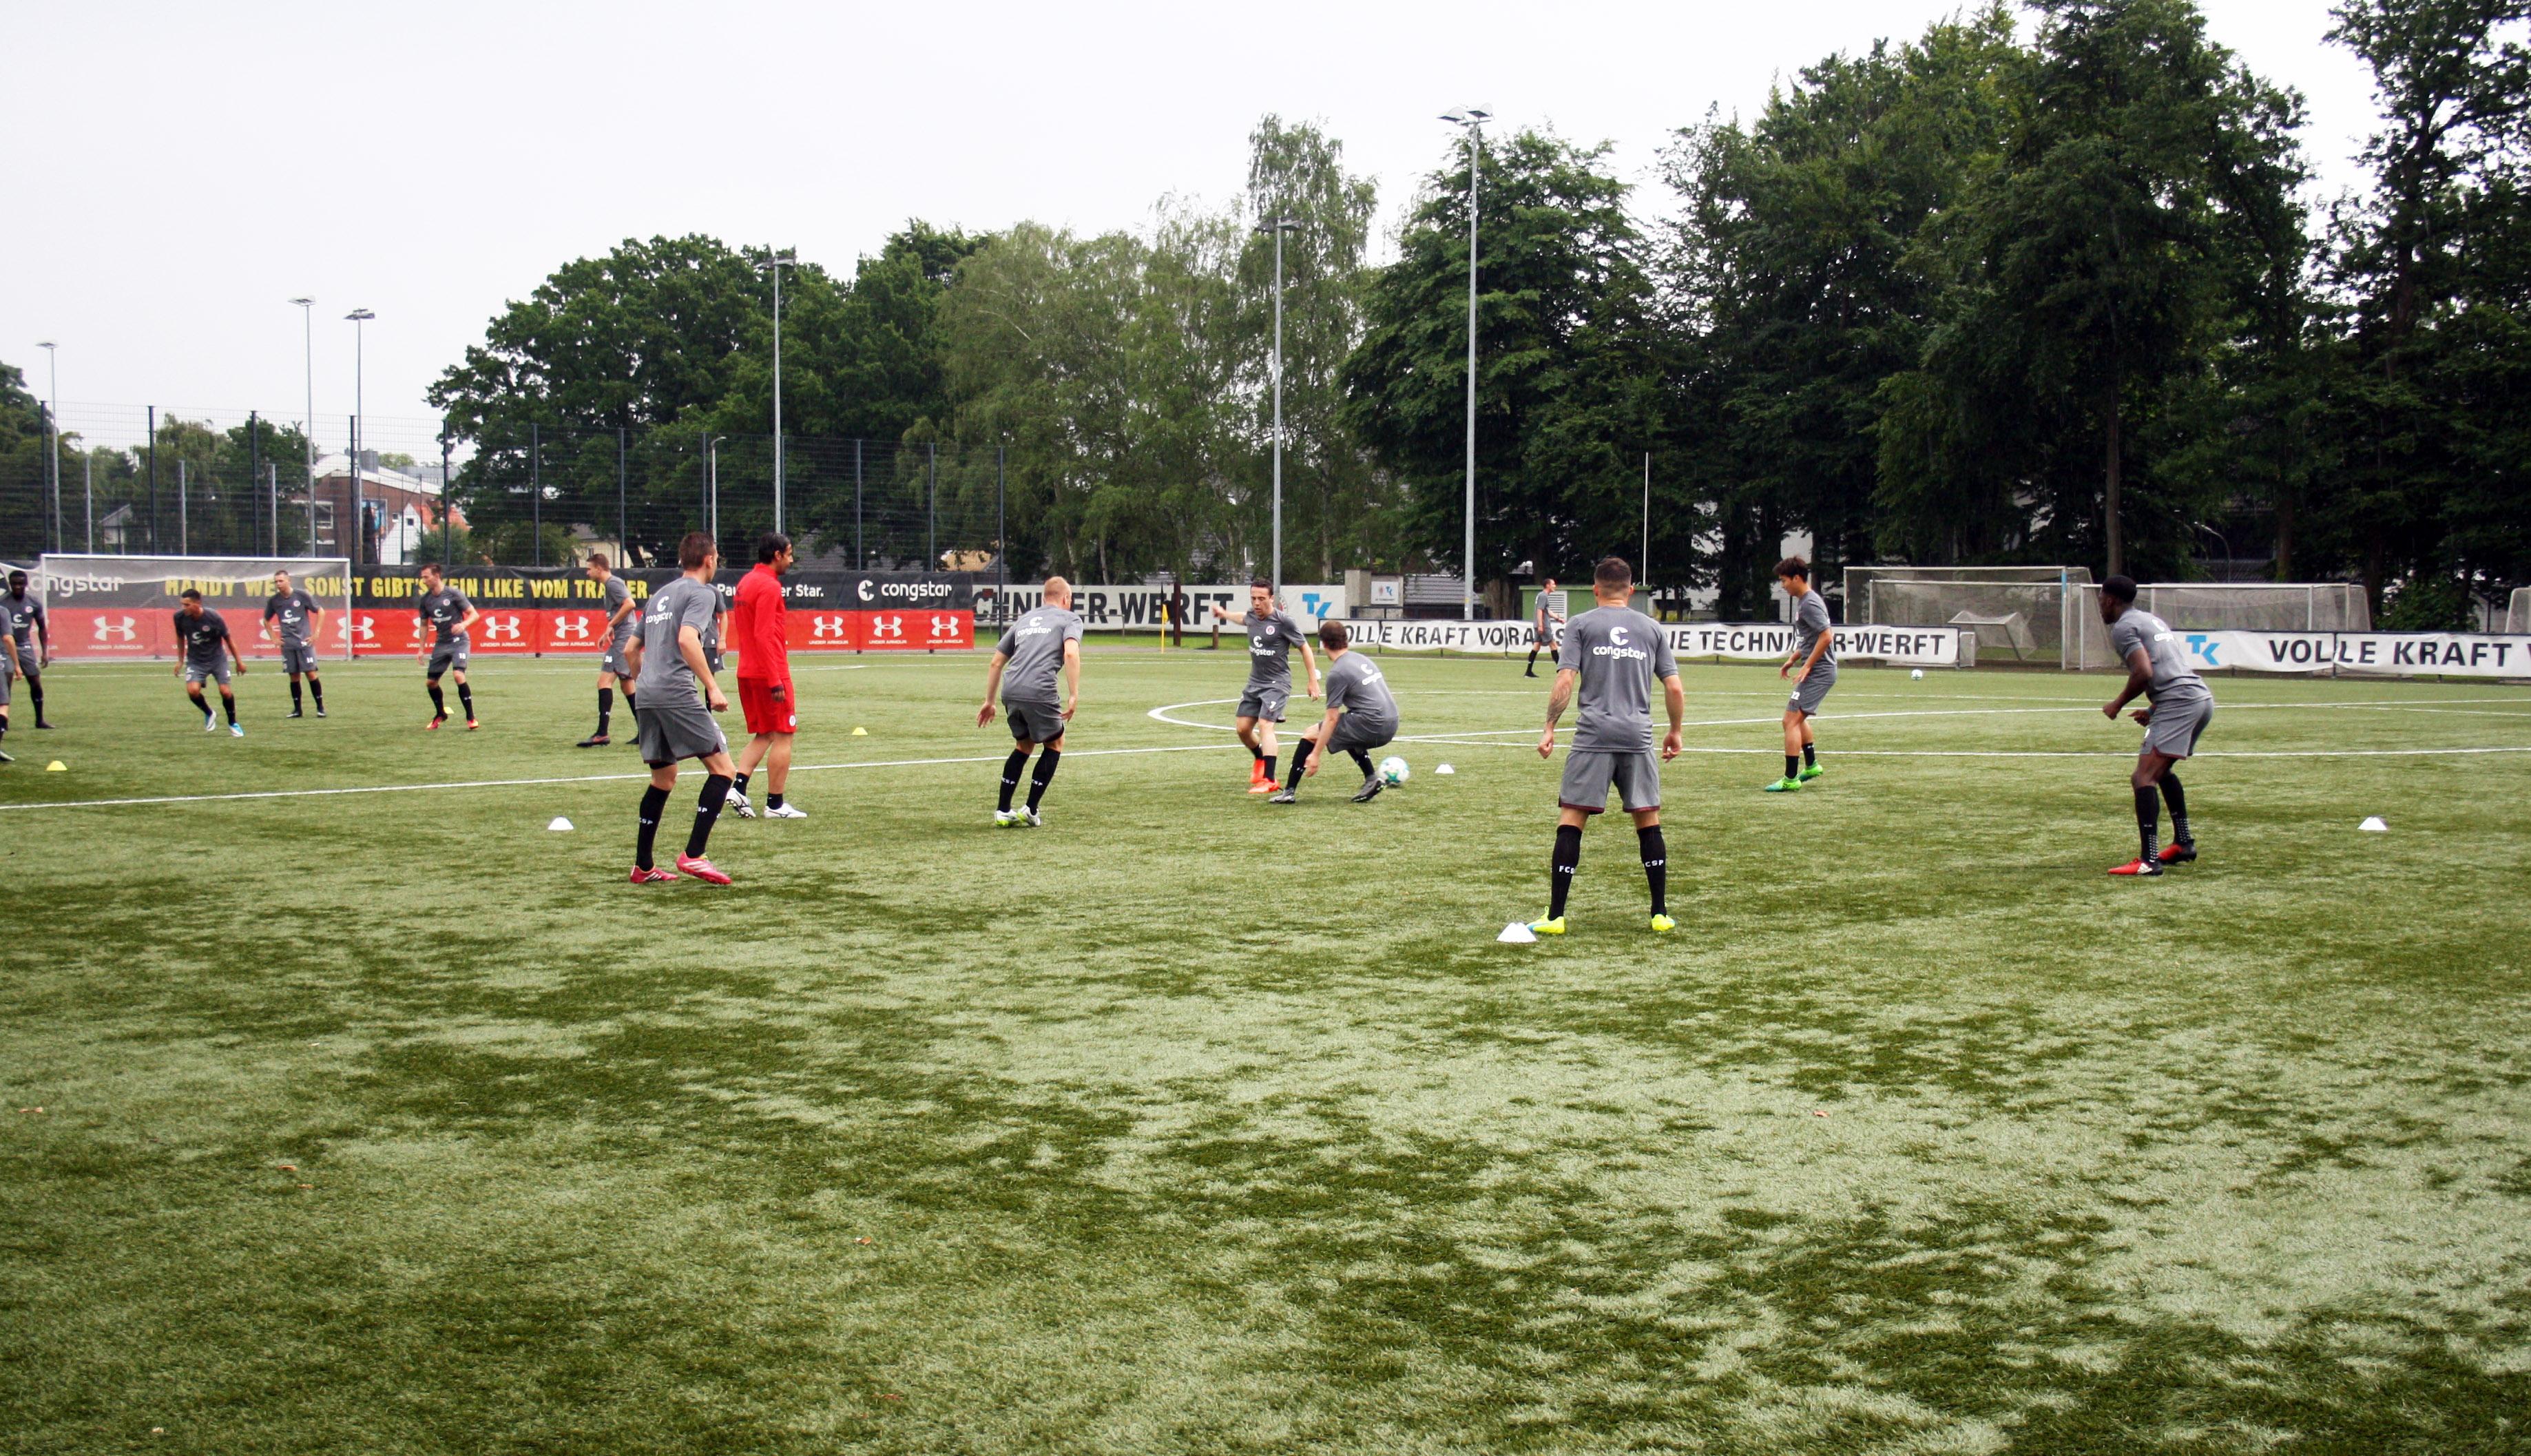 Stark verjüngt startet unsere U23 in die neue Spielzeit